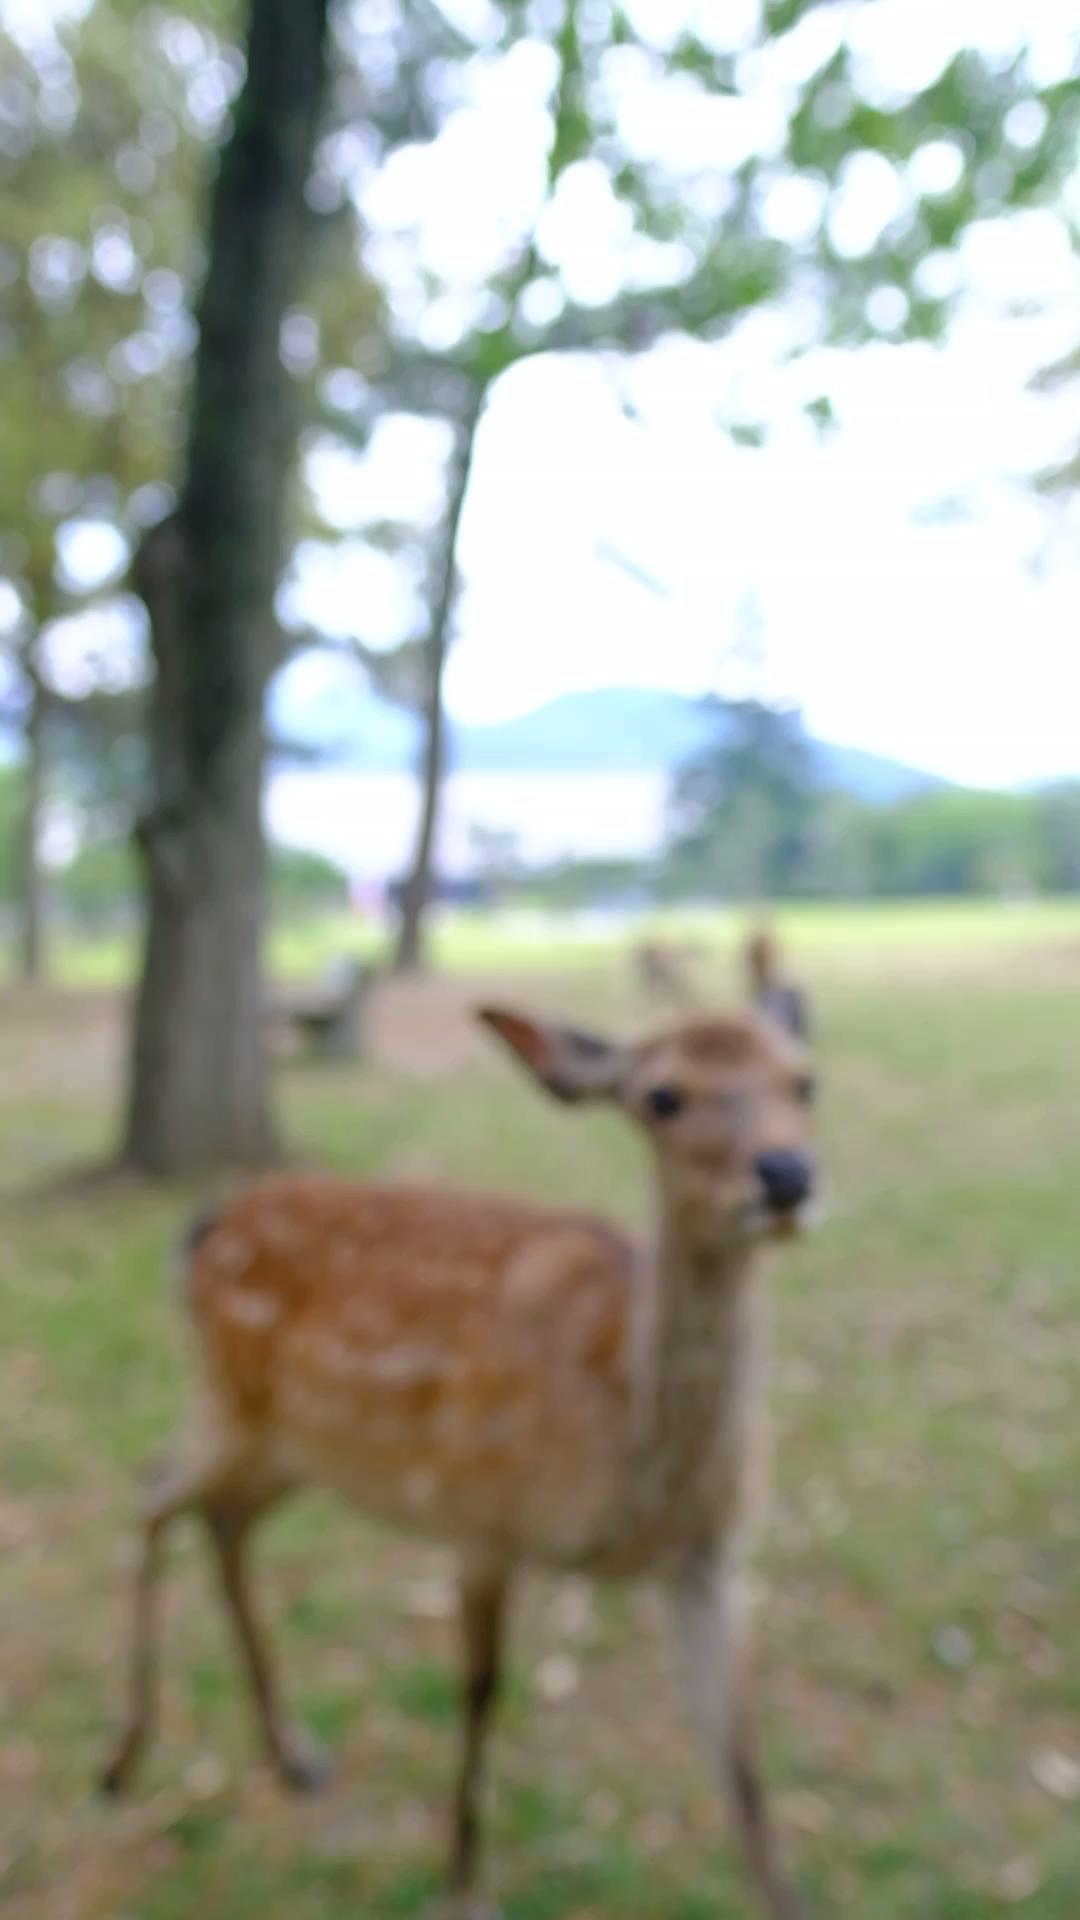 Things to do in Nara / Nara Travel Guide / Travel in Japan / Nara to Kyoto / Japan Travel #Japan #Travel #Nara #Kyoto